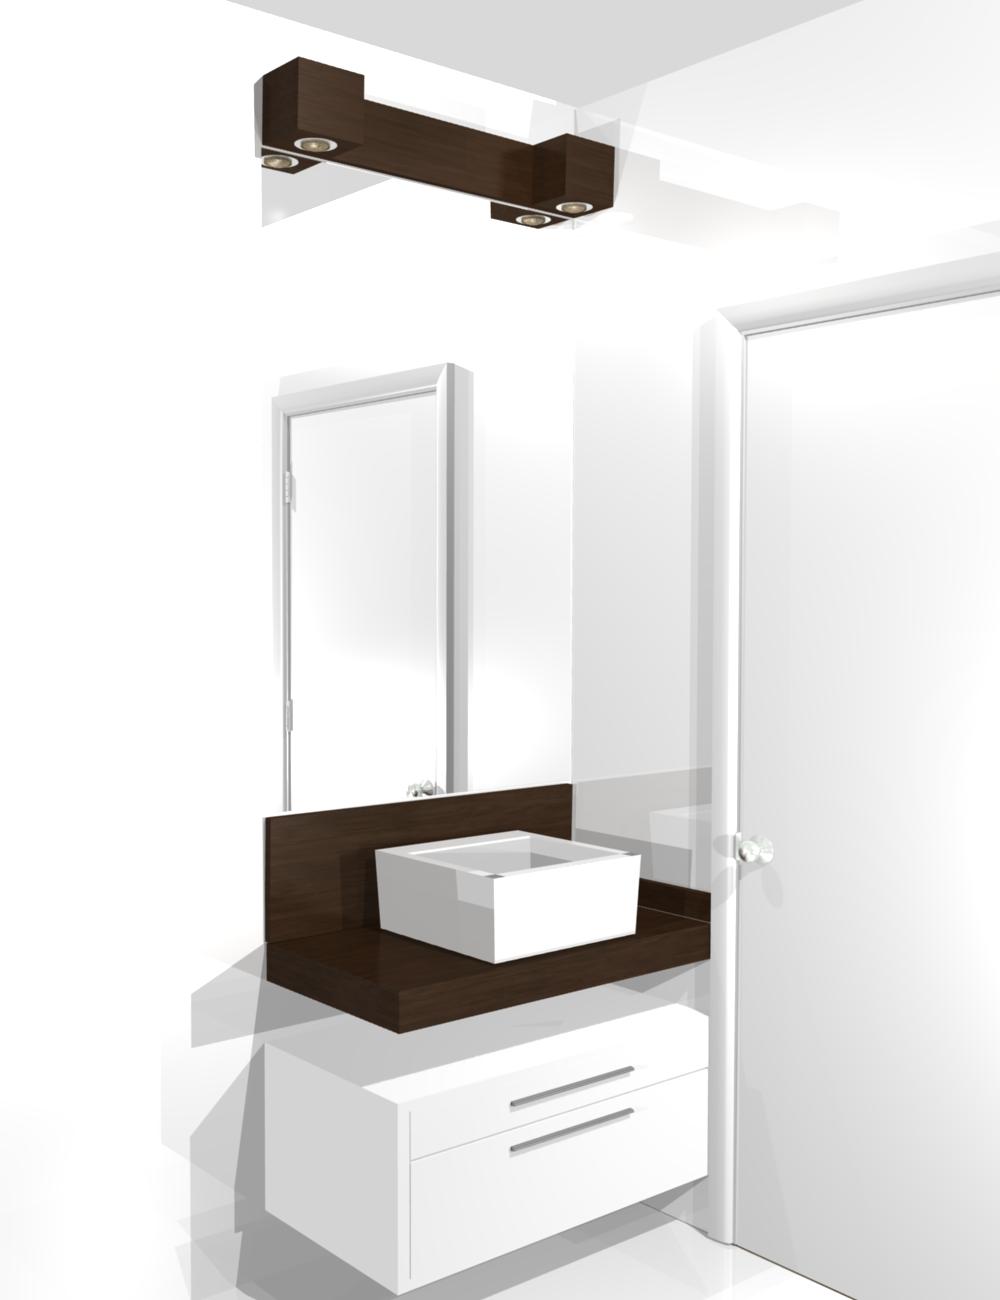 Pin Moveis Planejado Banho Banheiro Gabinete Pequenos Modernos Lindos on Pint -> Banheiro Planejado Pequeno